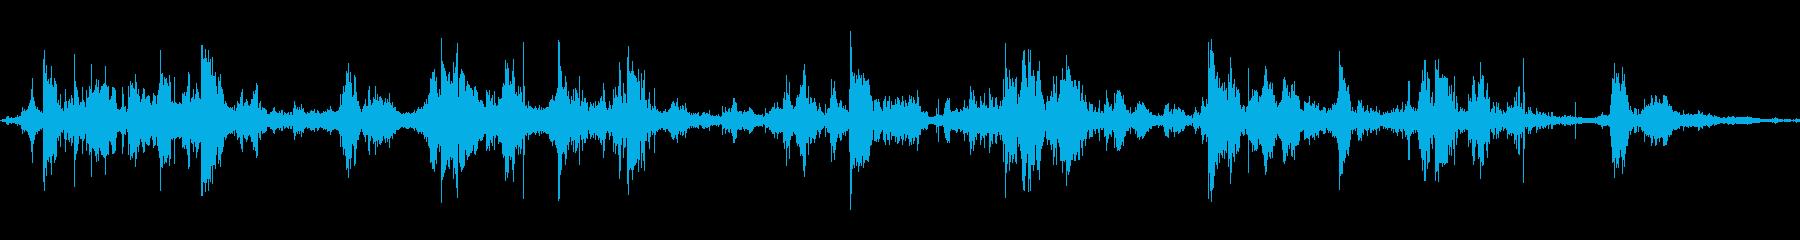 ヘビーボディスマッシュ、バンズアン...の再生済みの波形